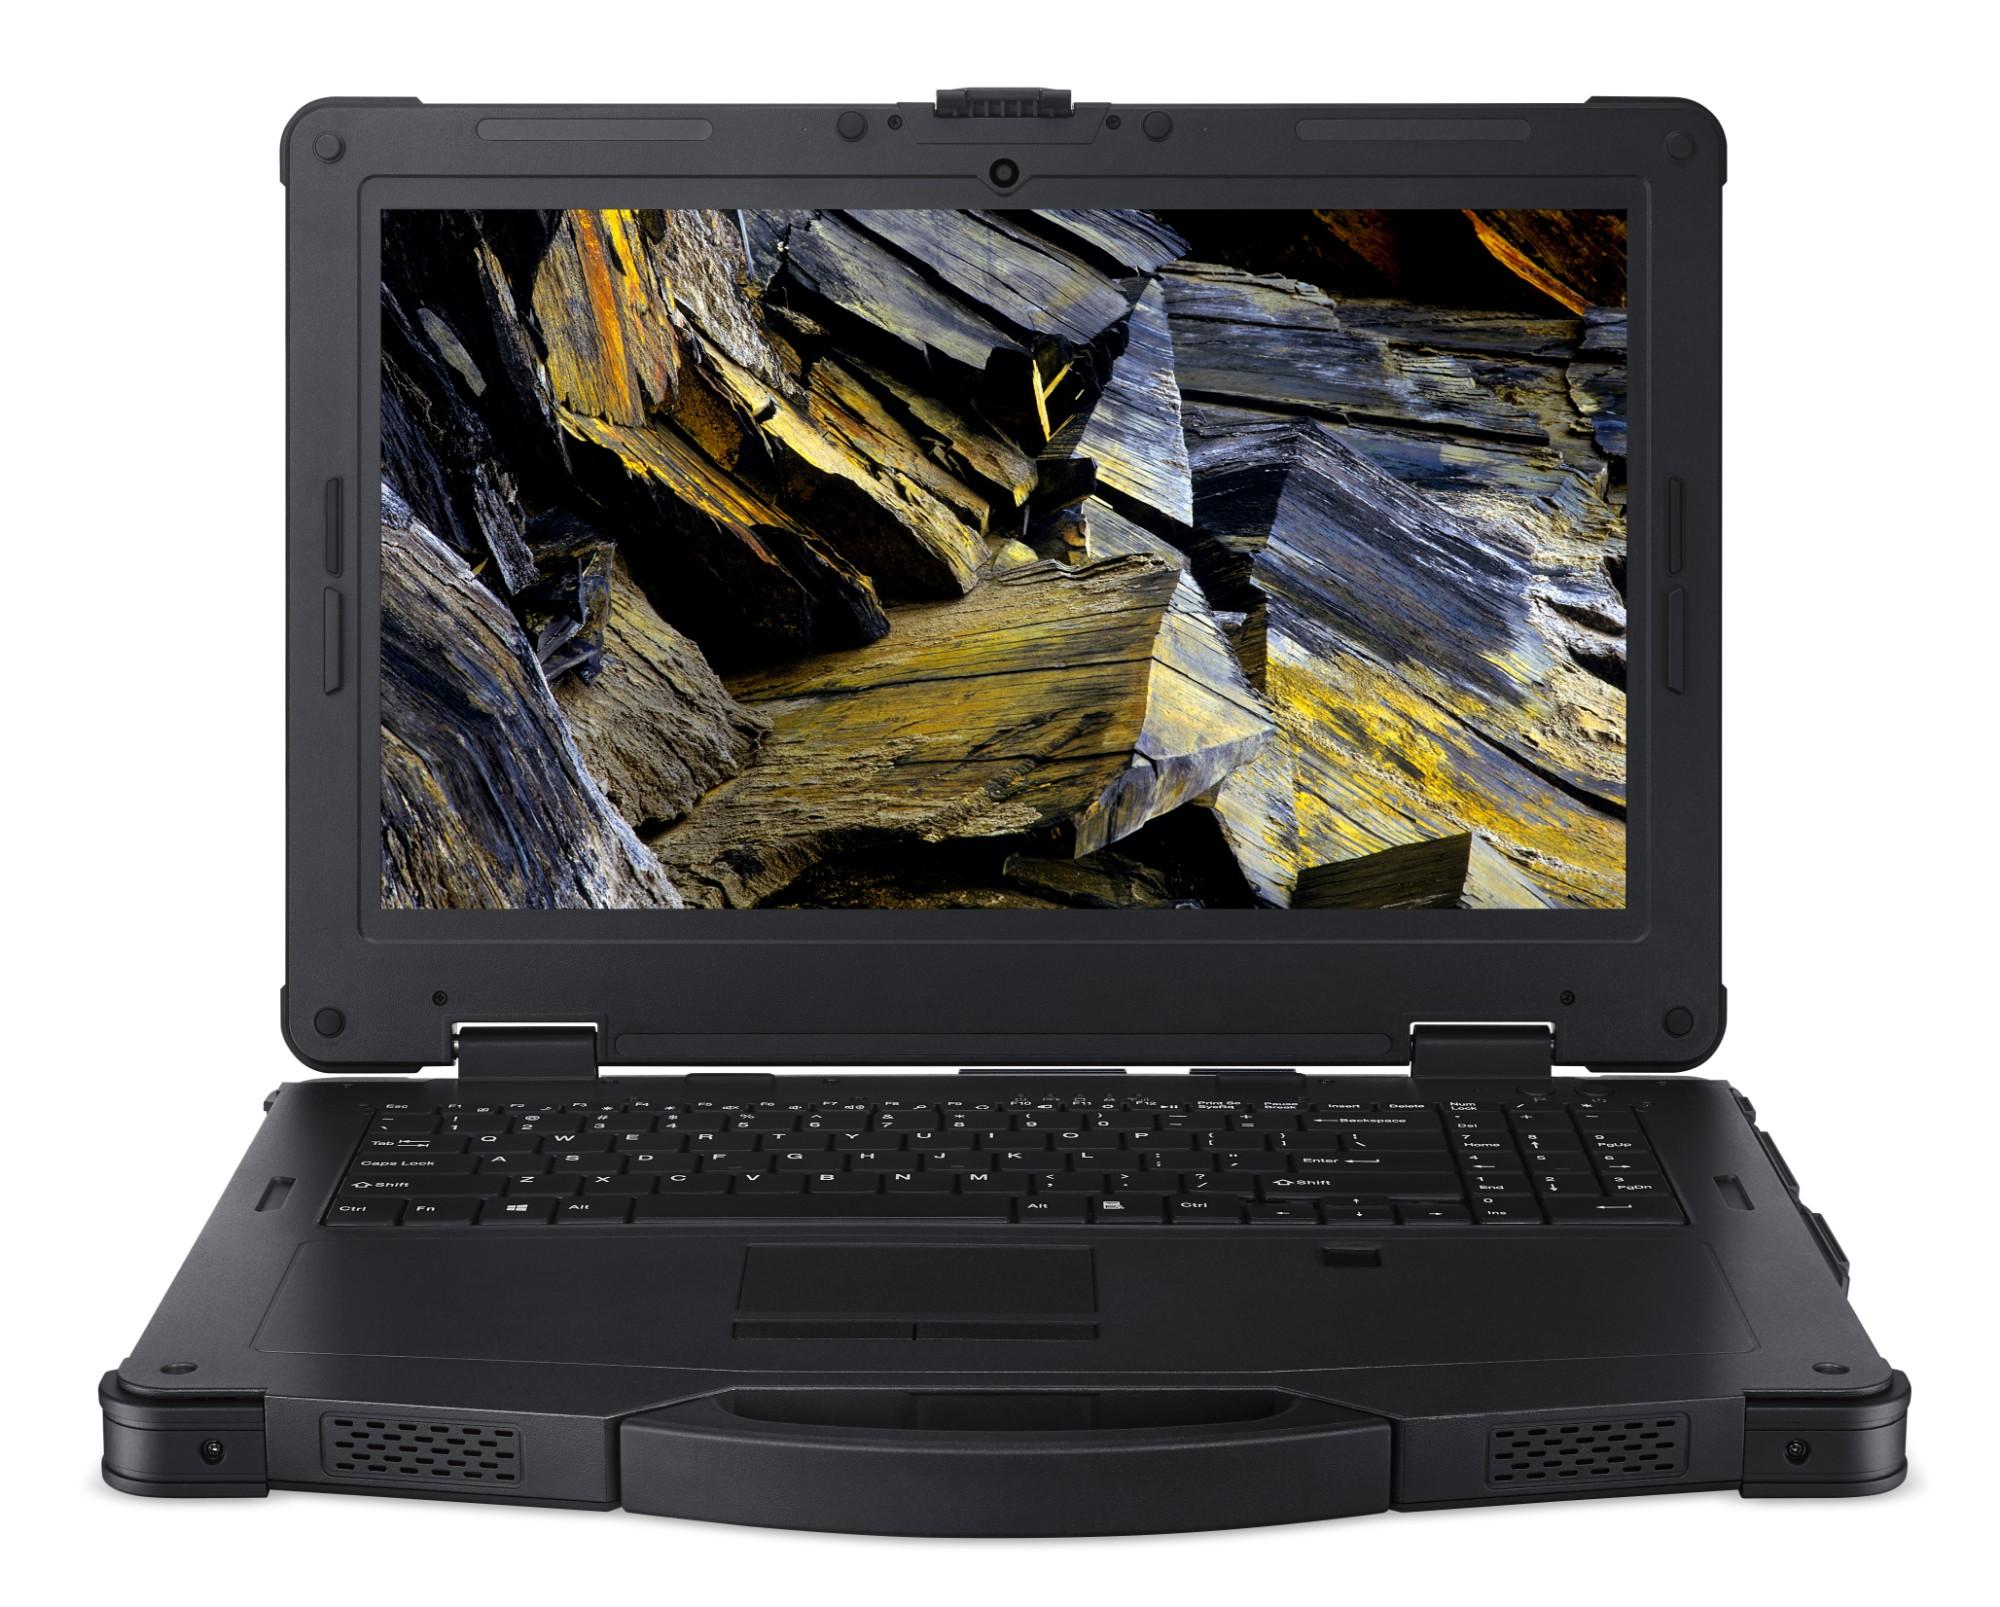 Acer ENDURO EN715-51W-509V Notebook 39.6 cm (15.6